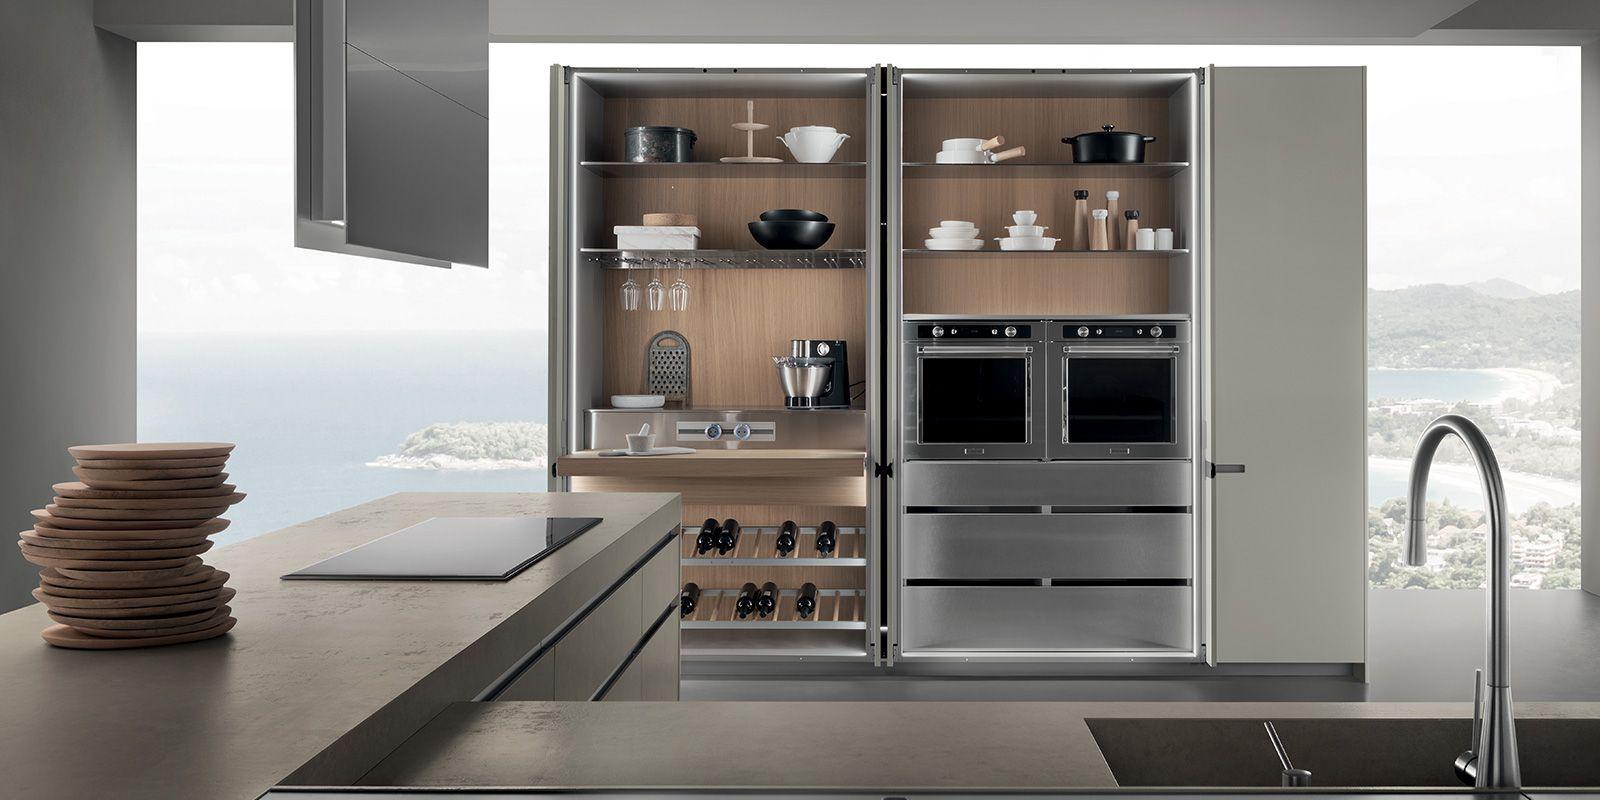 Emejing Cucine Con Ante Scorrevoli Ideas - harrop.us - harrop.us